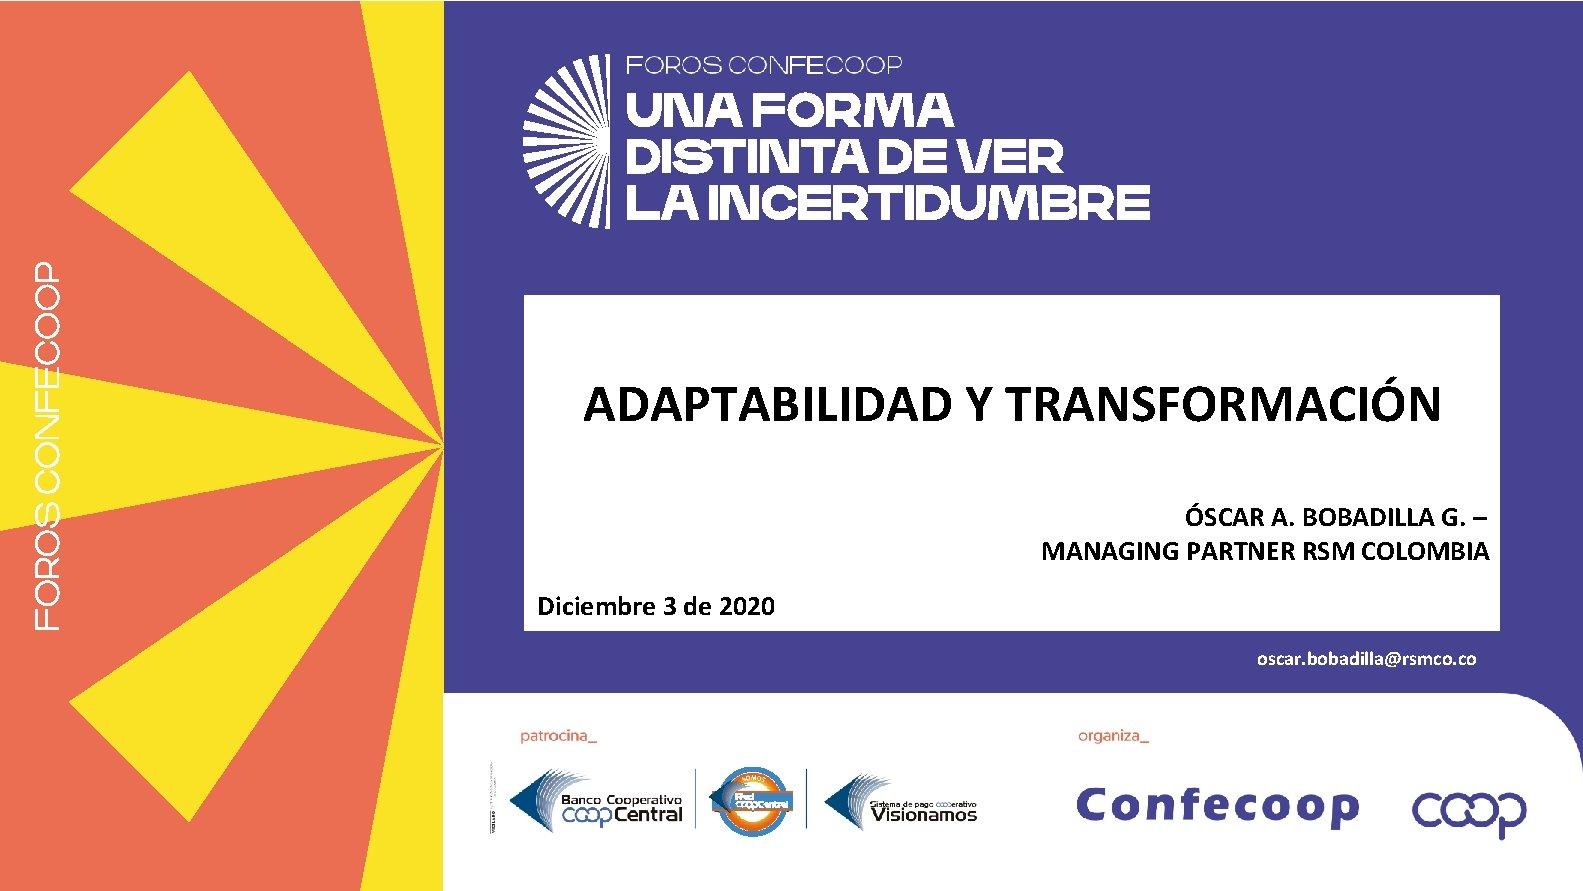 ADAPTABILIDAD Y TRANSFORMACIÓN ÓSCAR A. BOBADILLA G. – MANAGING PARTNER RSM COLOMBIA Diciembre 3